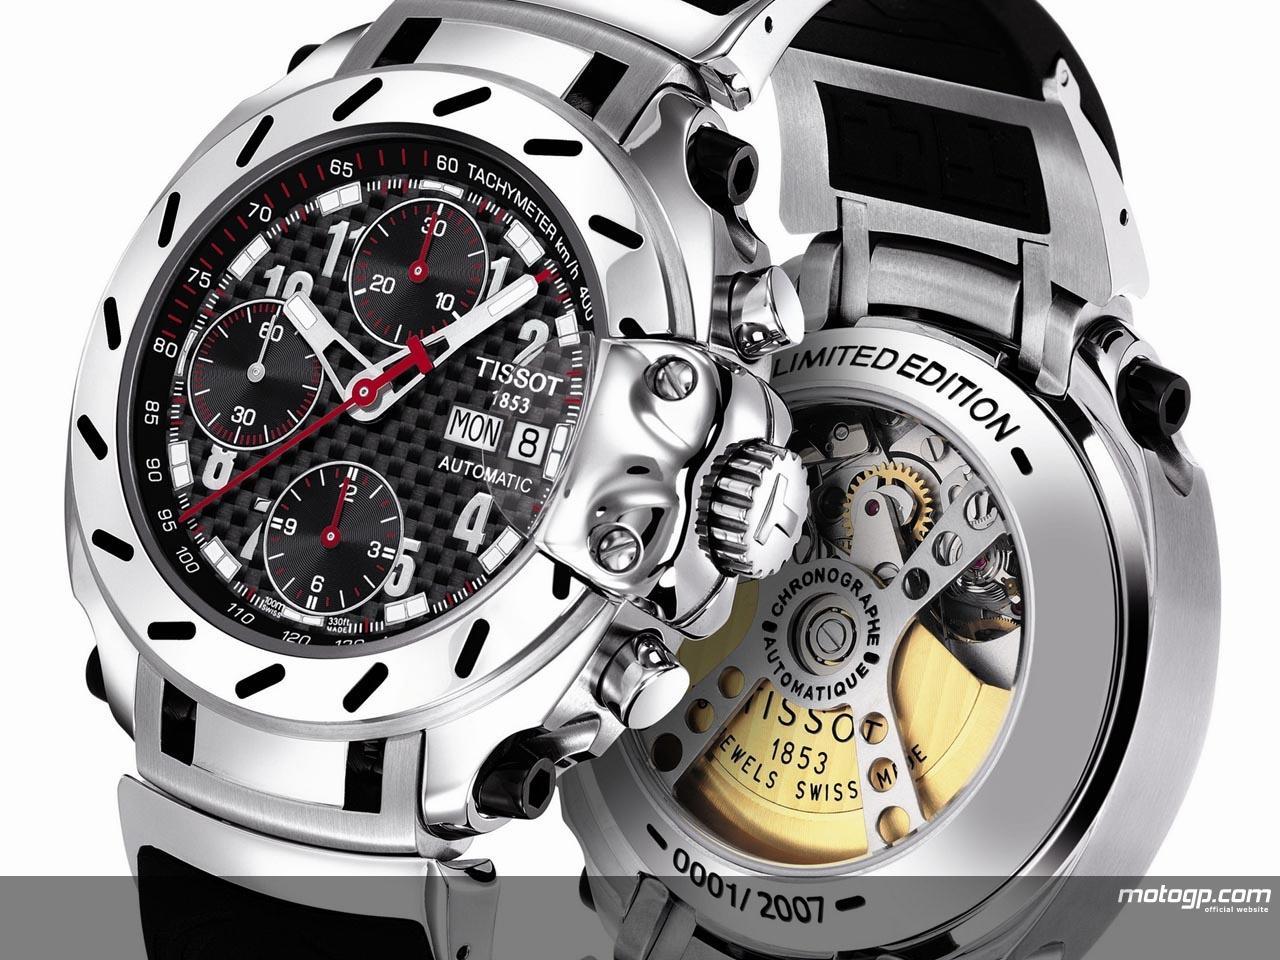 http://4.bp.blogspot.com/-1vuGI68OIhk/T2cyd6JTnGI/AAAAAAAAABg/lT6fwVCgrZA/s1600/tissot-t-race-moto-gp-limited-edition-2007.jpg